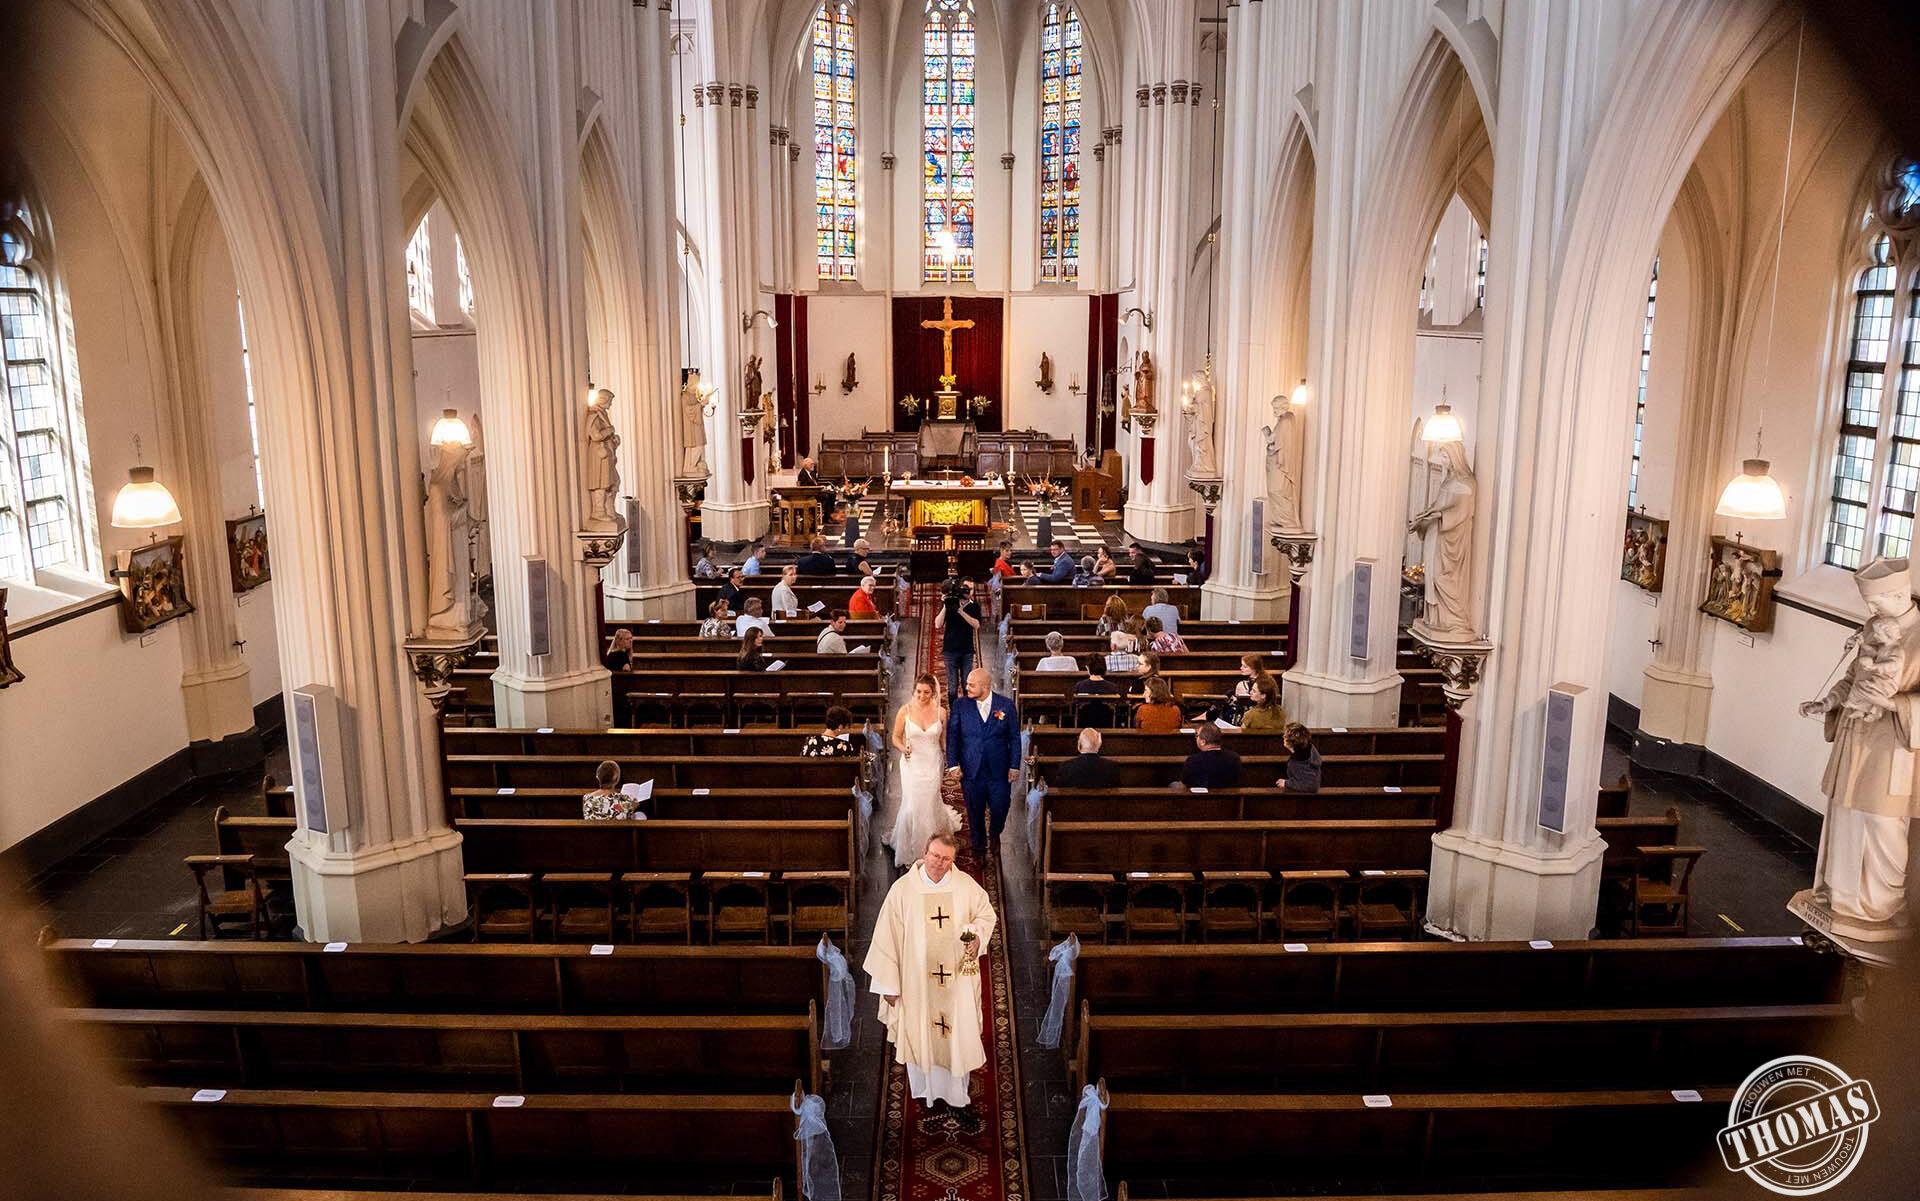 Trouwceremonie in de kerk tijdens Corona